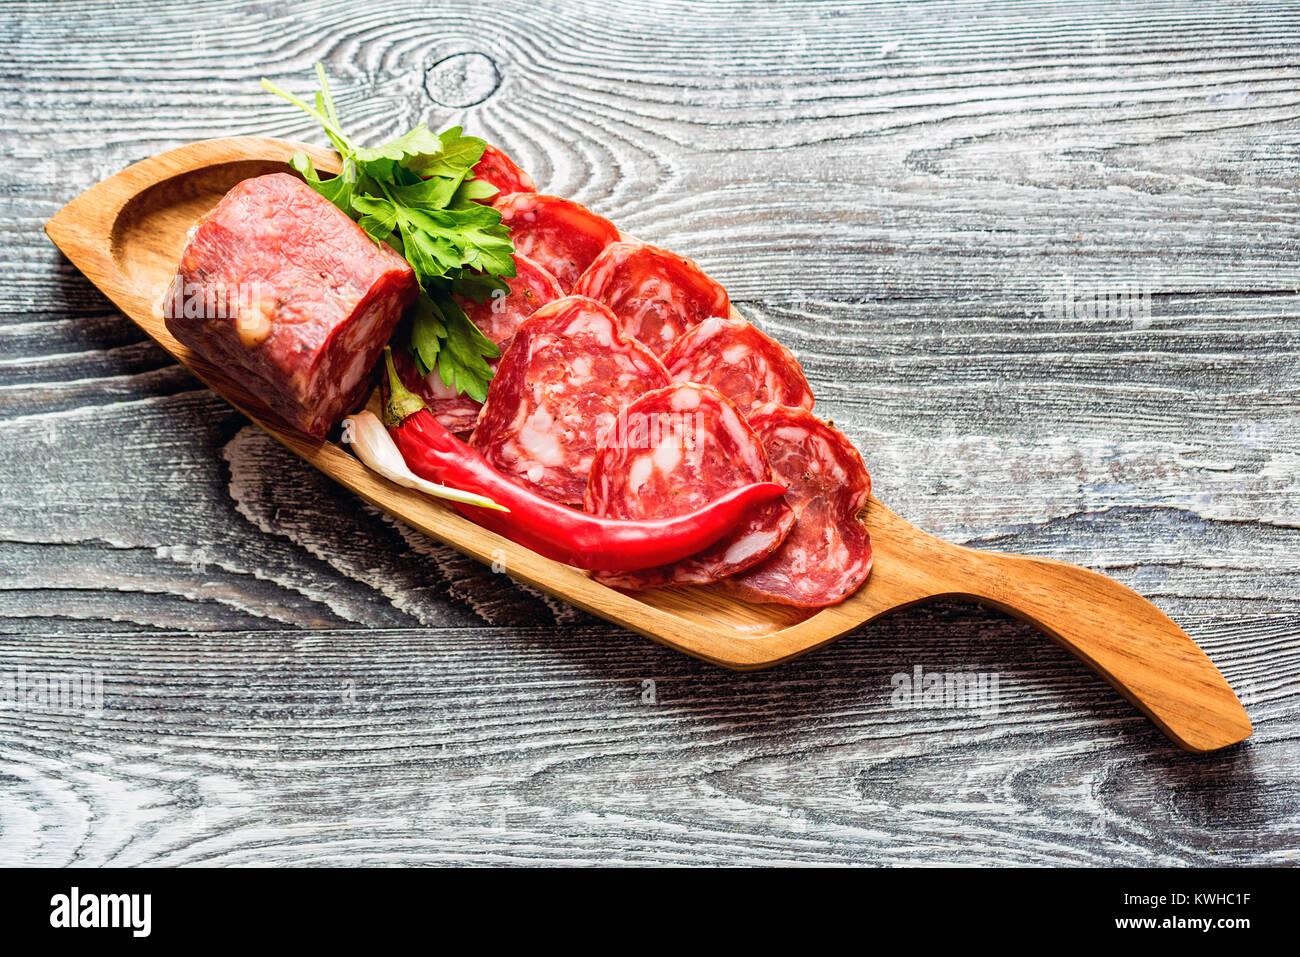 Close-up de saucisse fumée et légumes Photo Stock